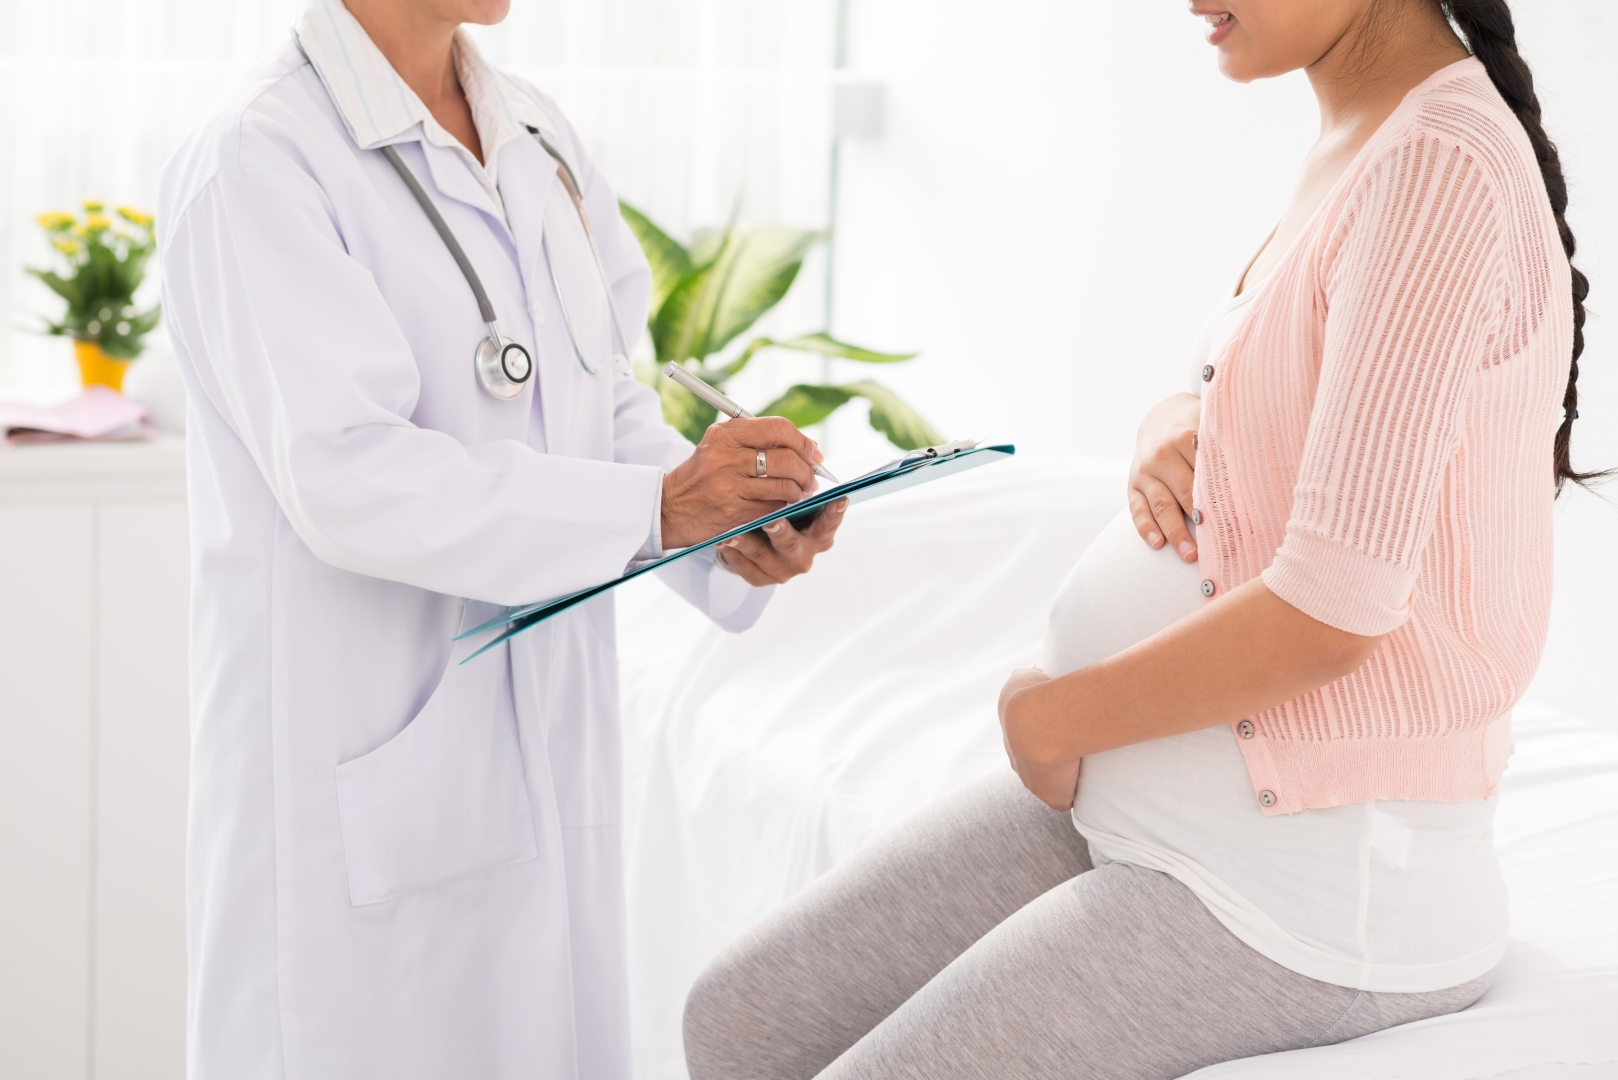 Μπορεί μια γυναίκα να γεννήσει φυσιολογικά μετά από προηγηθείσα καισαρική τομή;